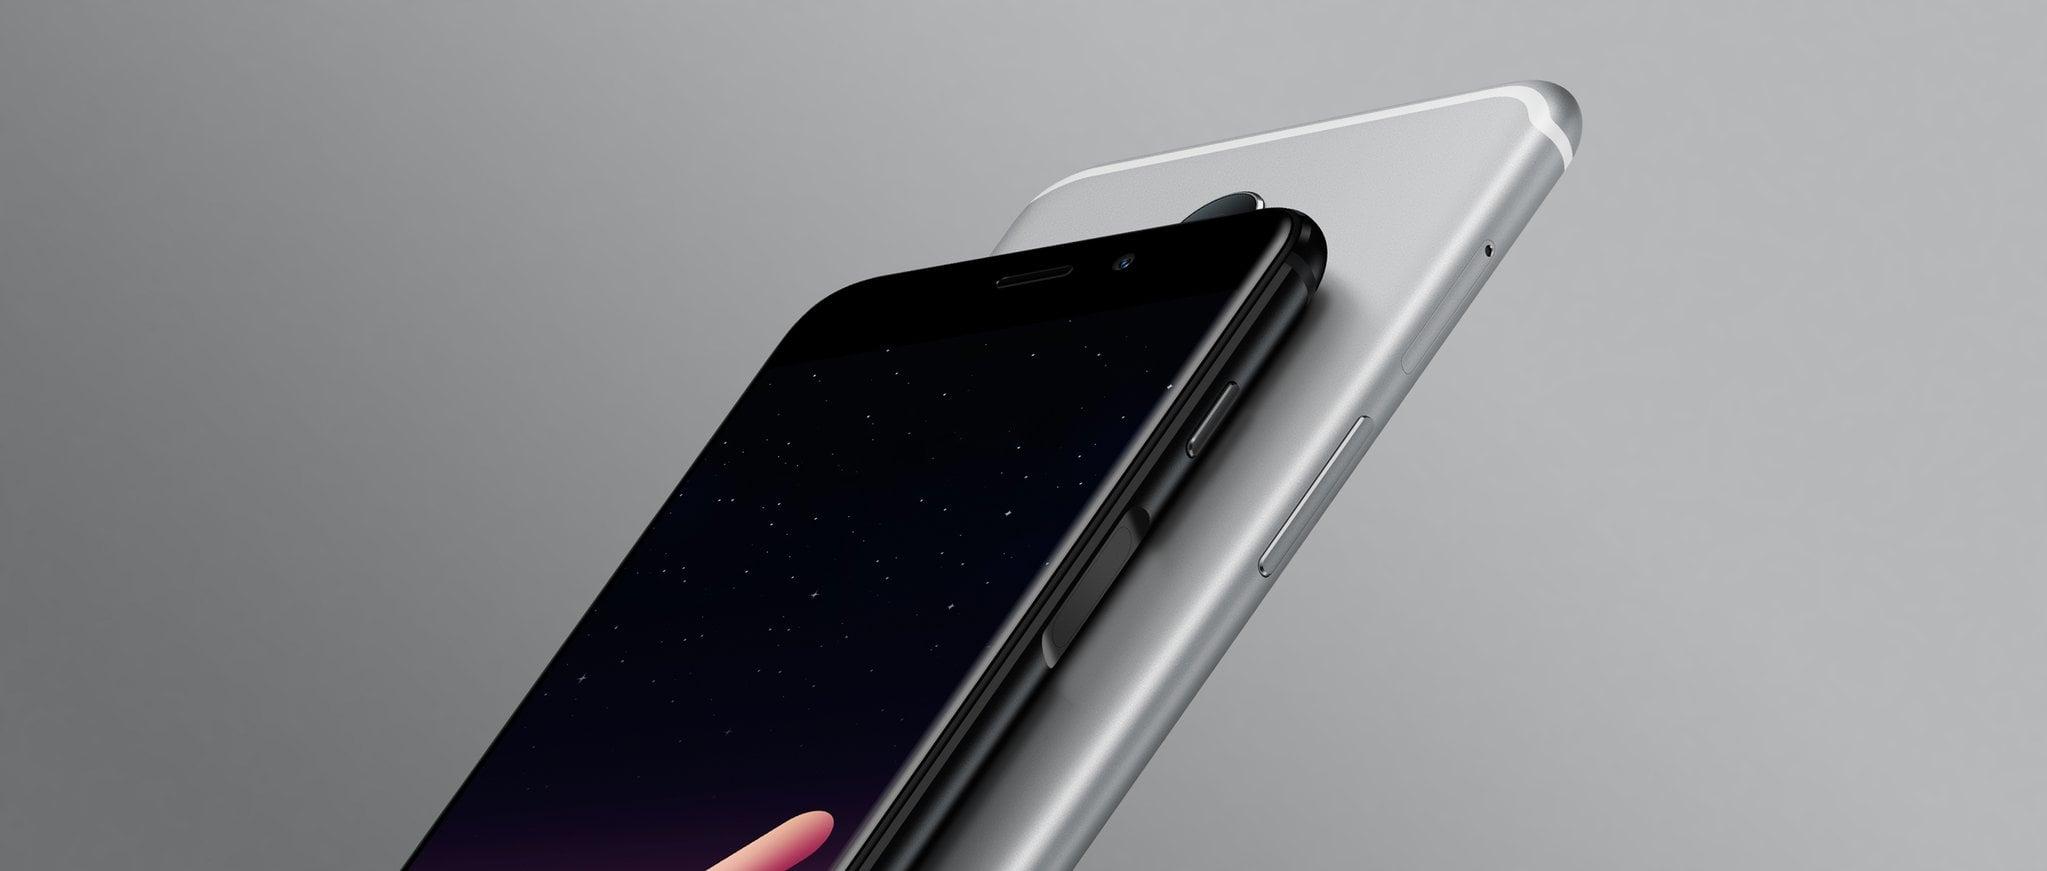 Tabletowo.pl Właśnie na to czekaliśmy - Meizu M6s to budżetowy, ale bardzo interesujący smartfon Android Meizu Nowości Smartfony